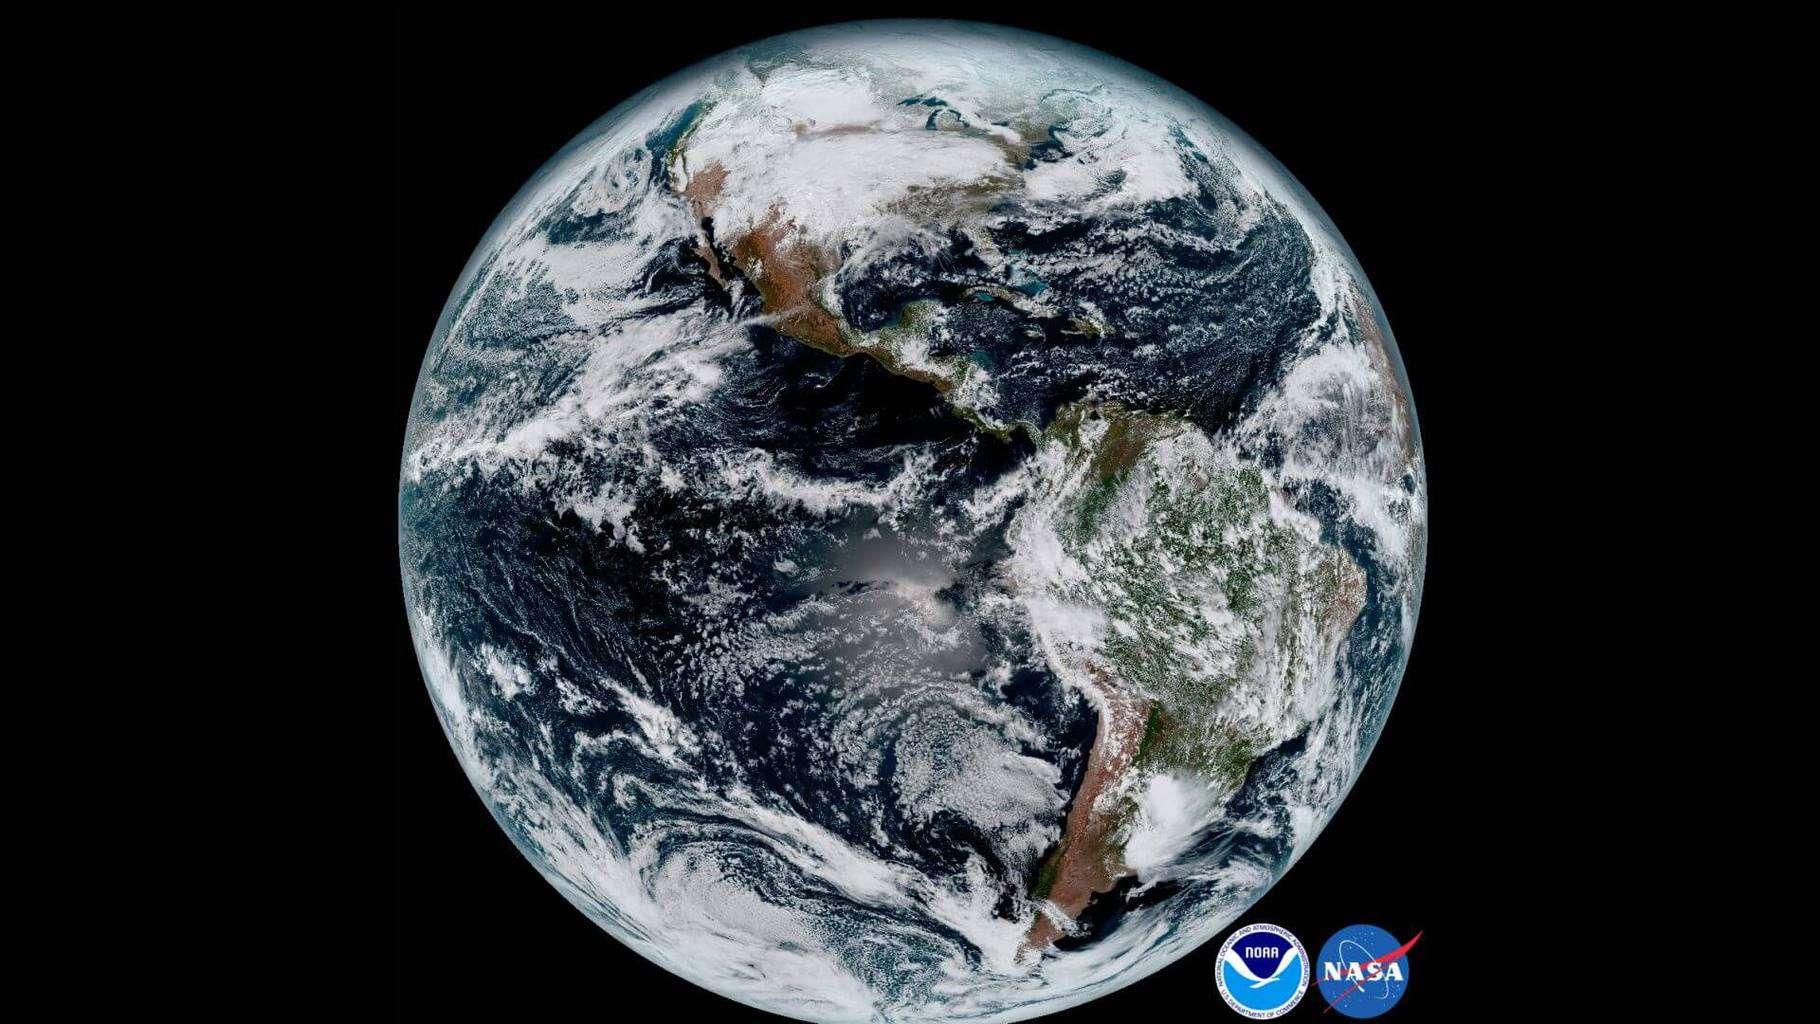 Dünya gezegeni hakkında bilgiler, dünya hakkında ilginç bilgiler, Dünya'nın özellikleri